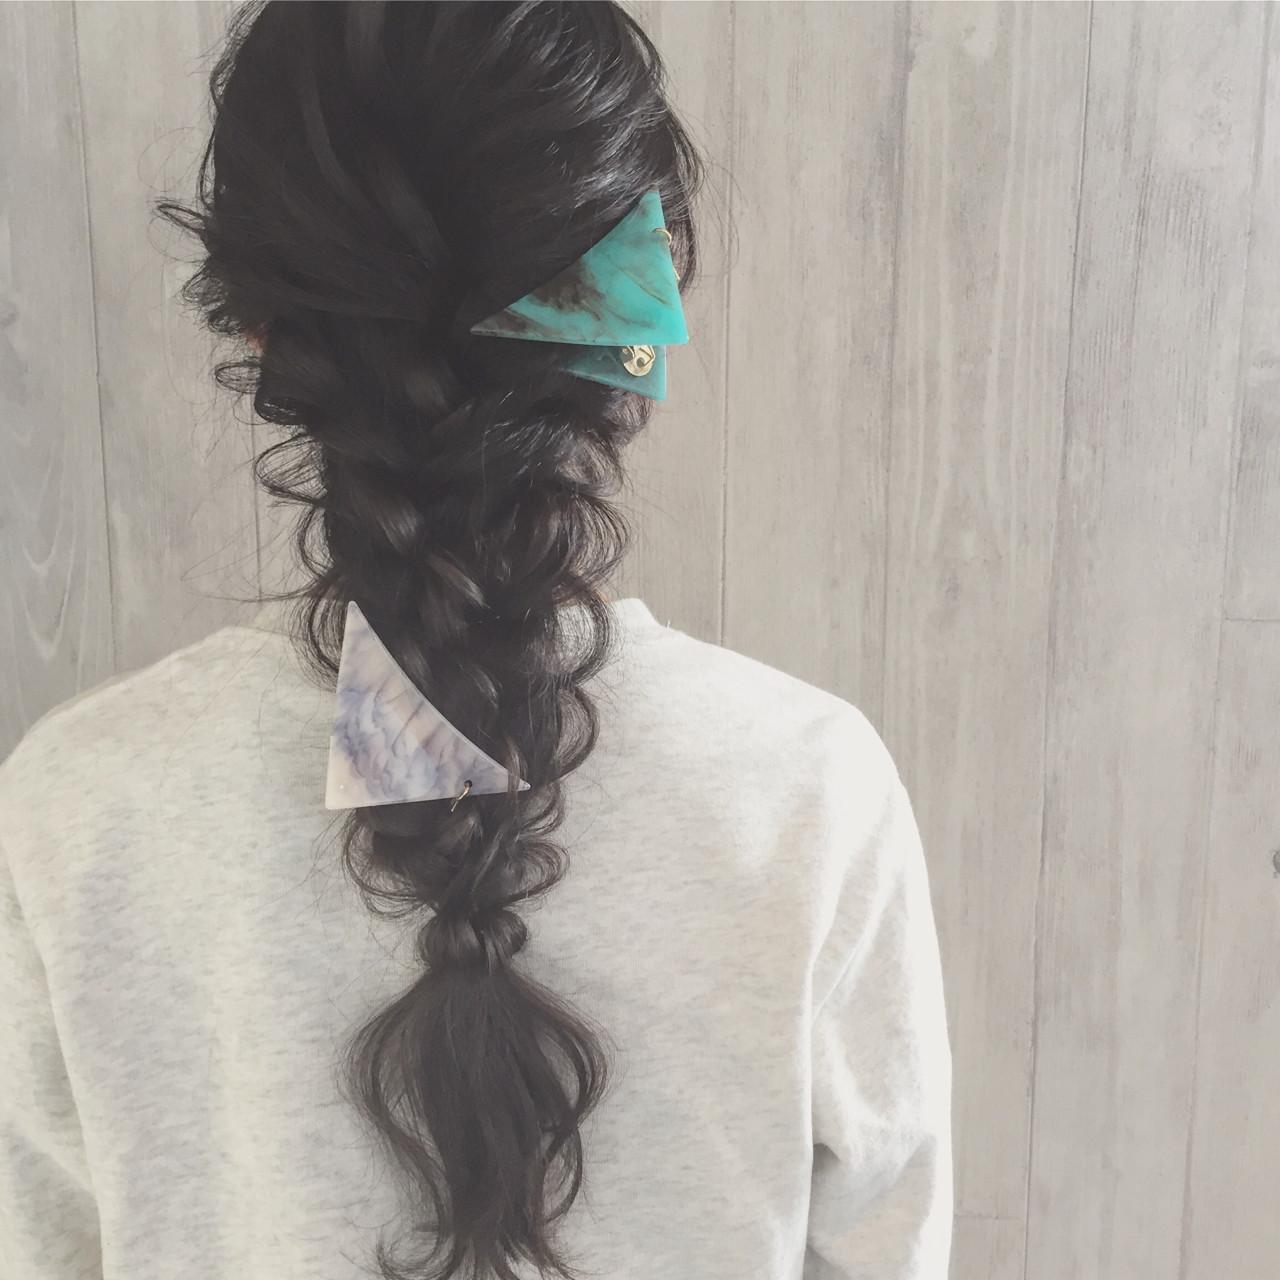 ロング 三つ編み ヘアアレンジ ディズニー ヘアスタイルや髪型の写真・画像